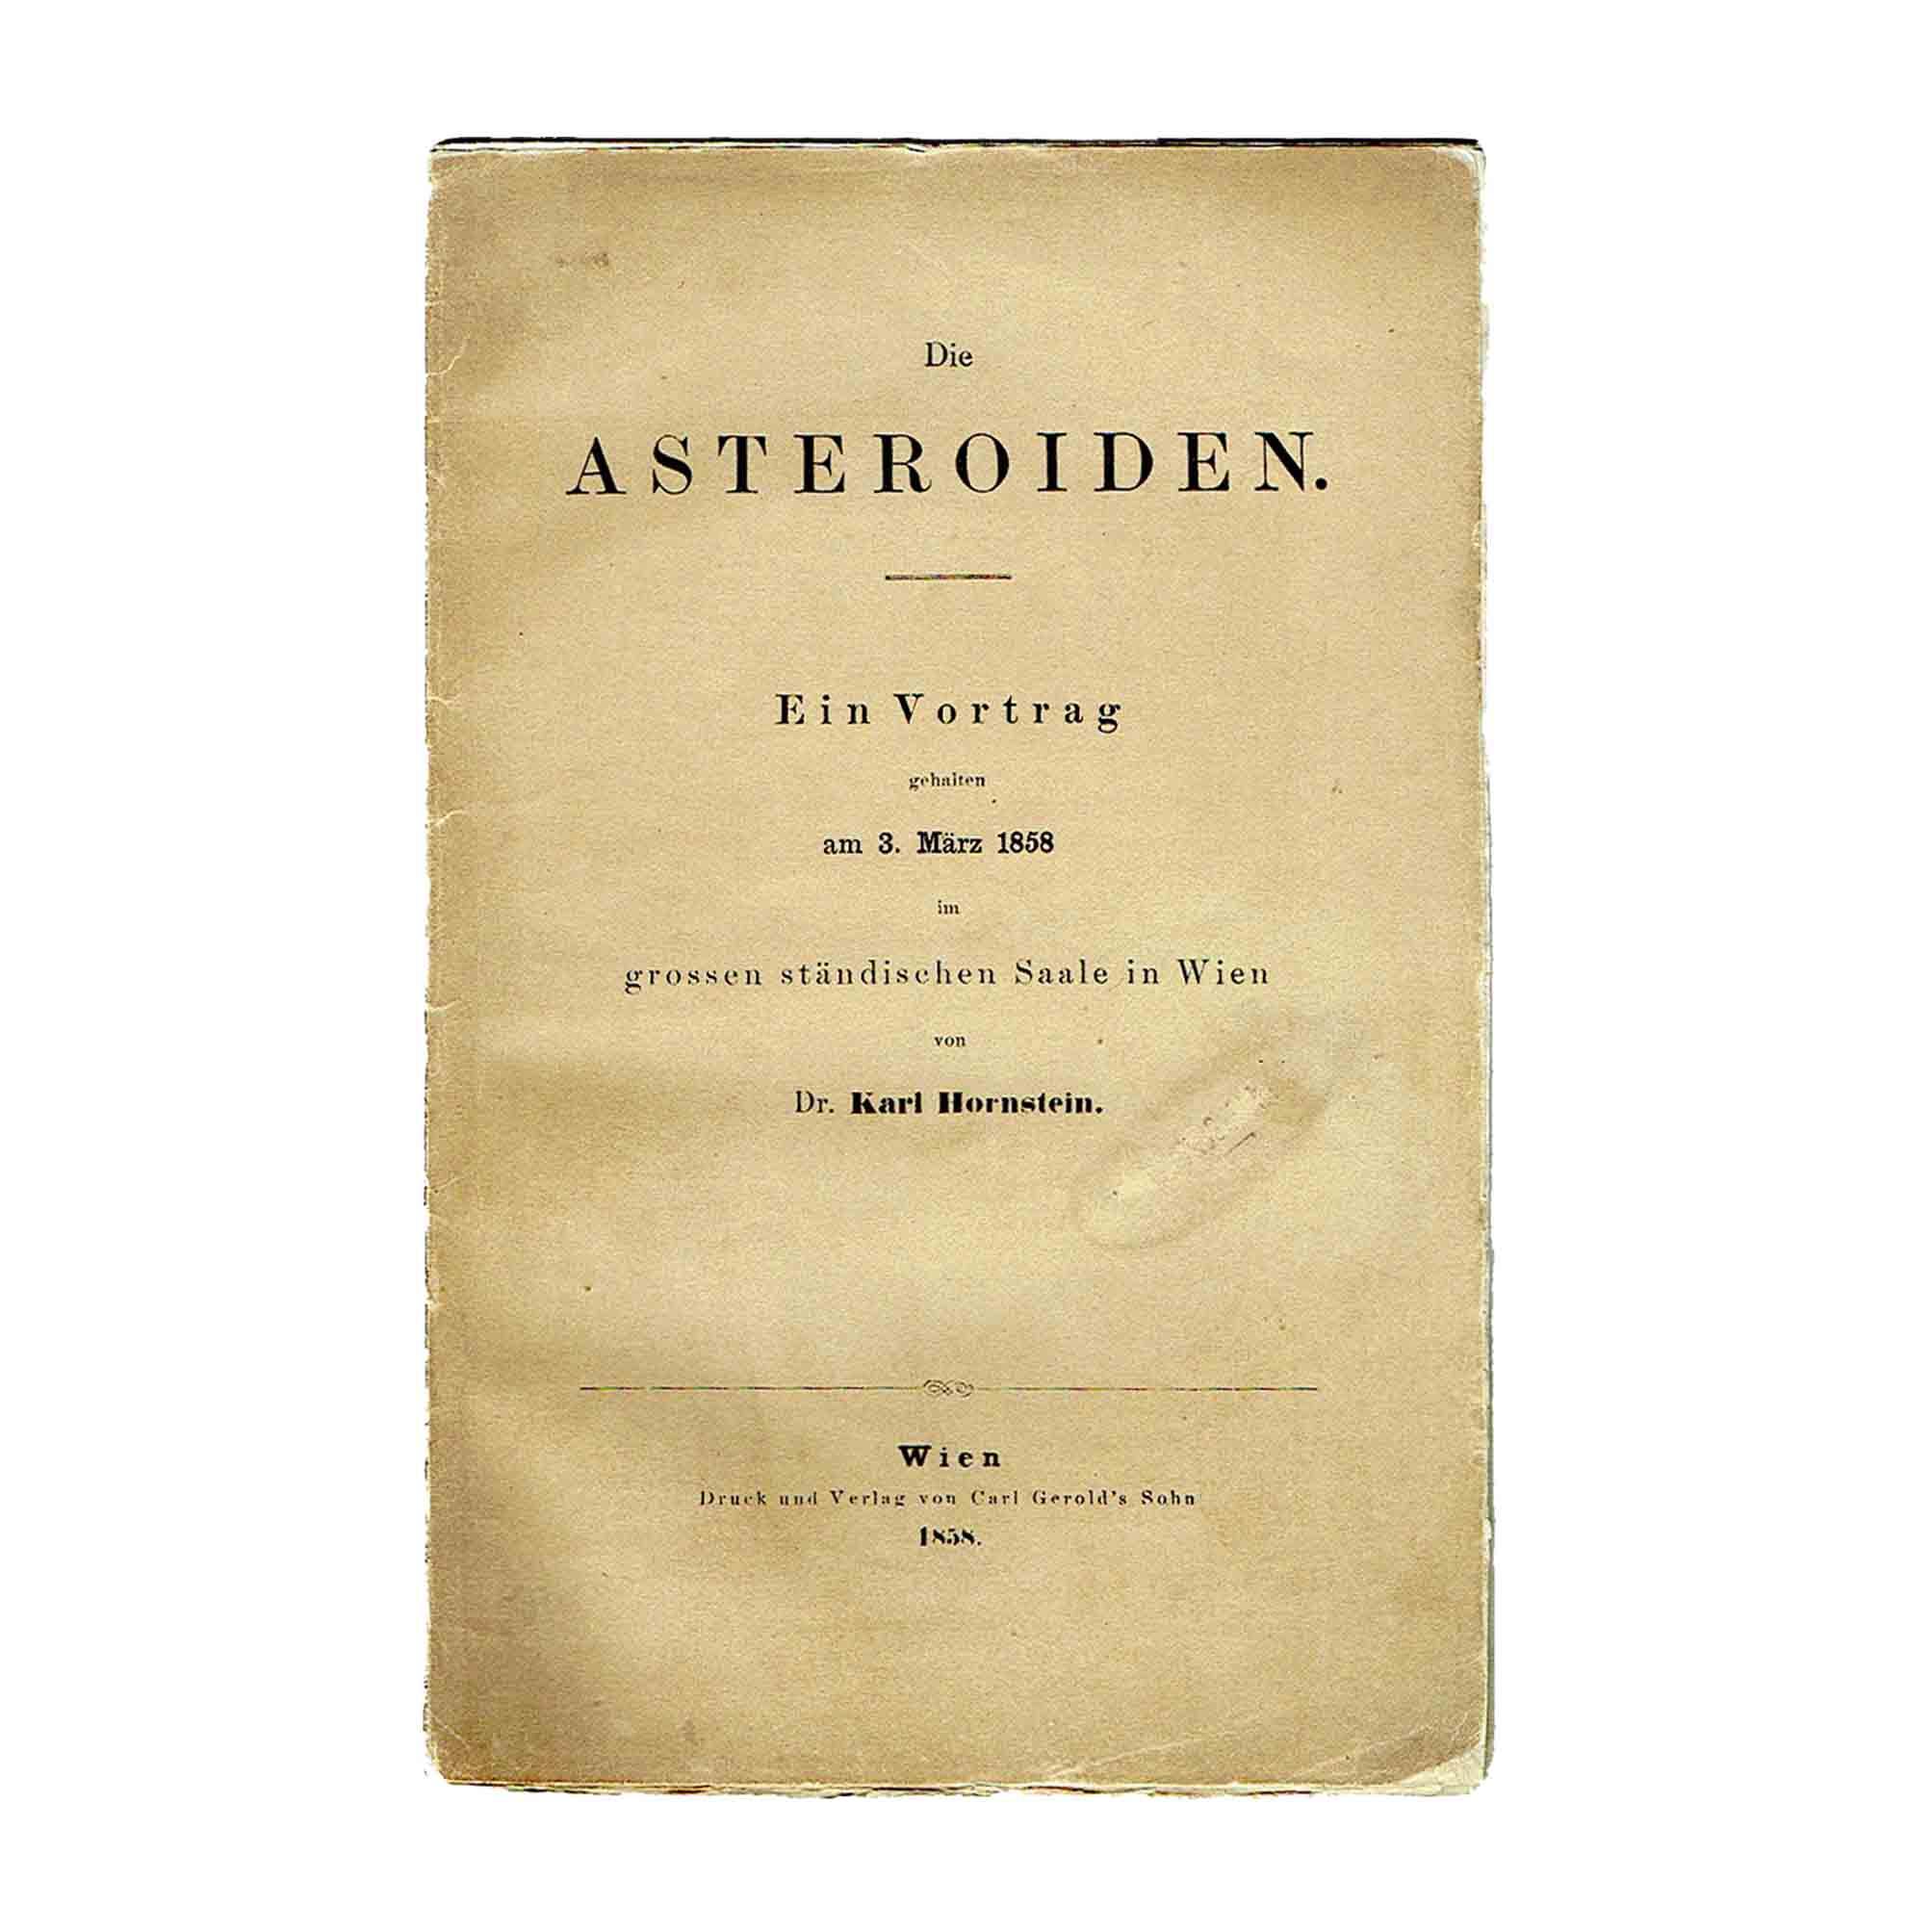 5908K-Hornstein-Asteroiden-1858-Umschlag-recto-frei-N.jpg